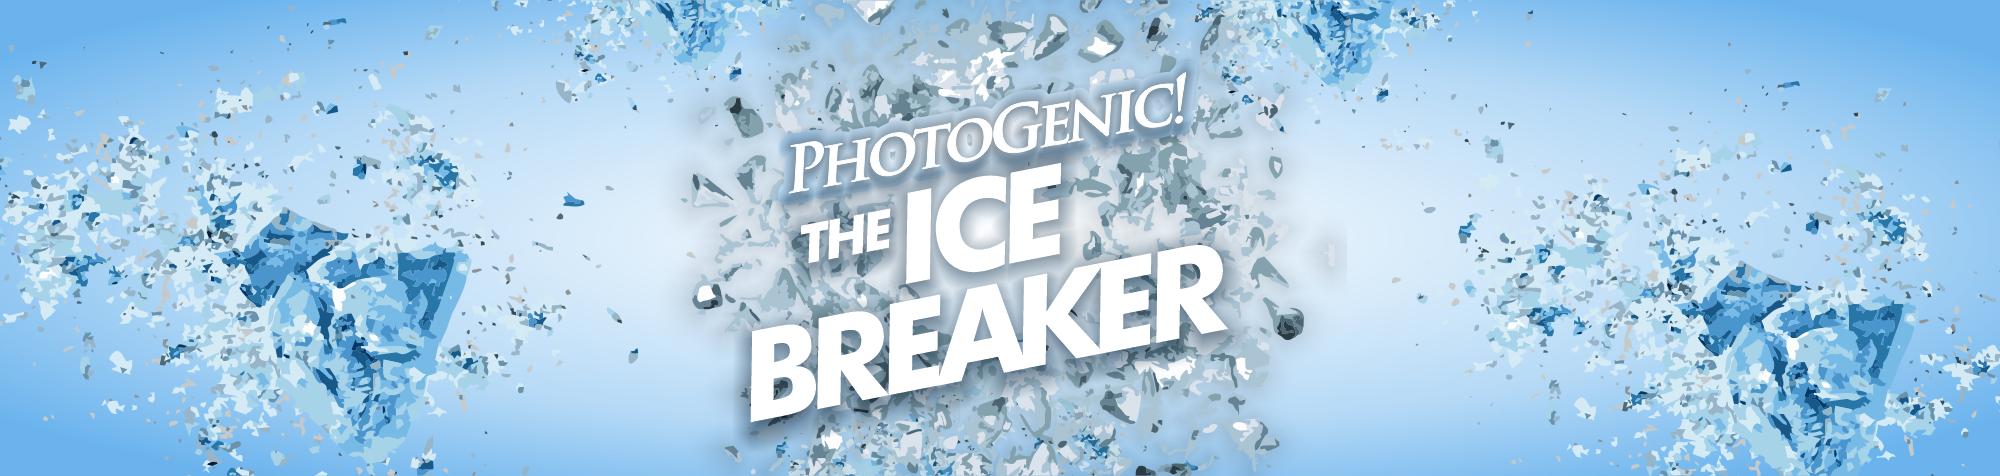 PhotoGenic! The Ice Breaker